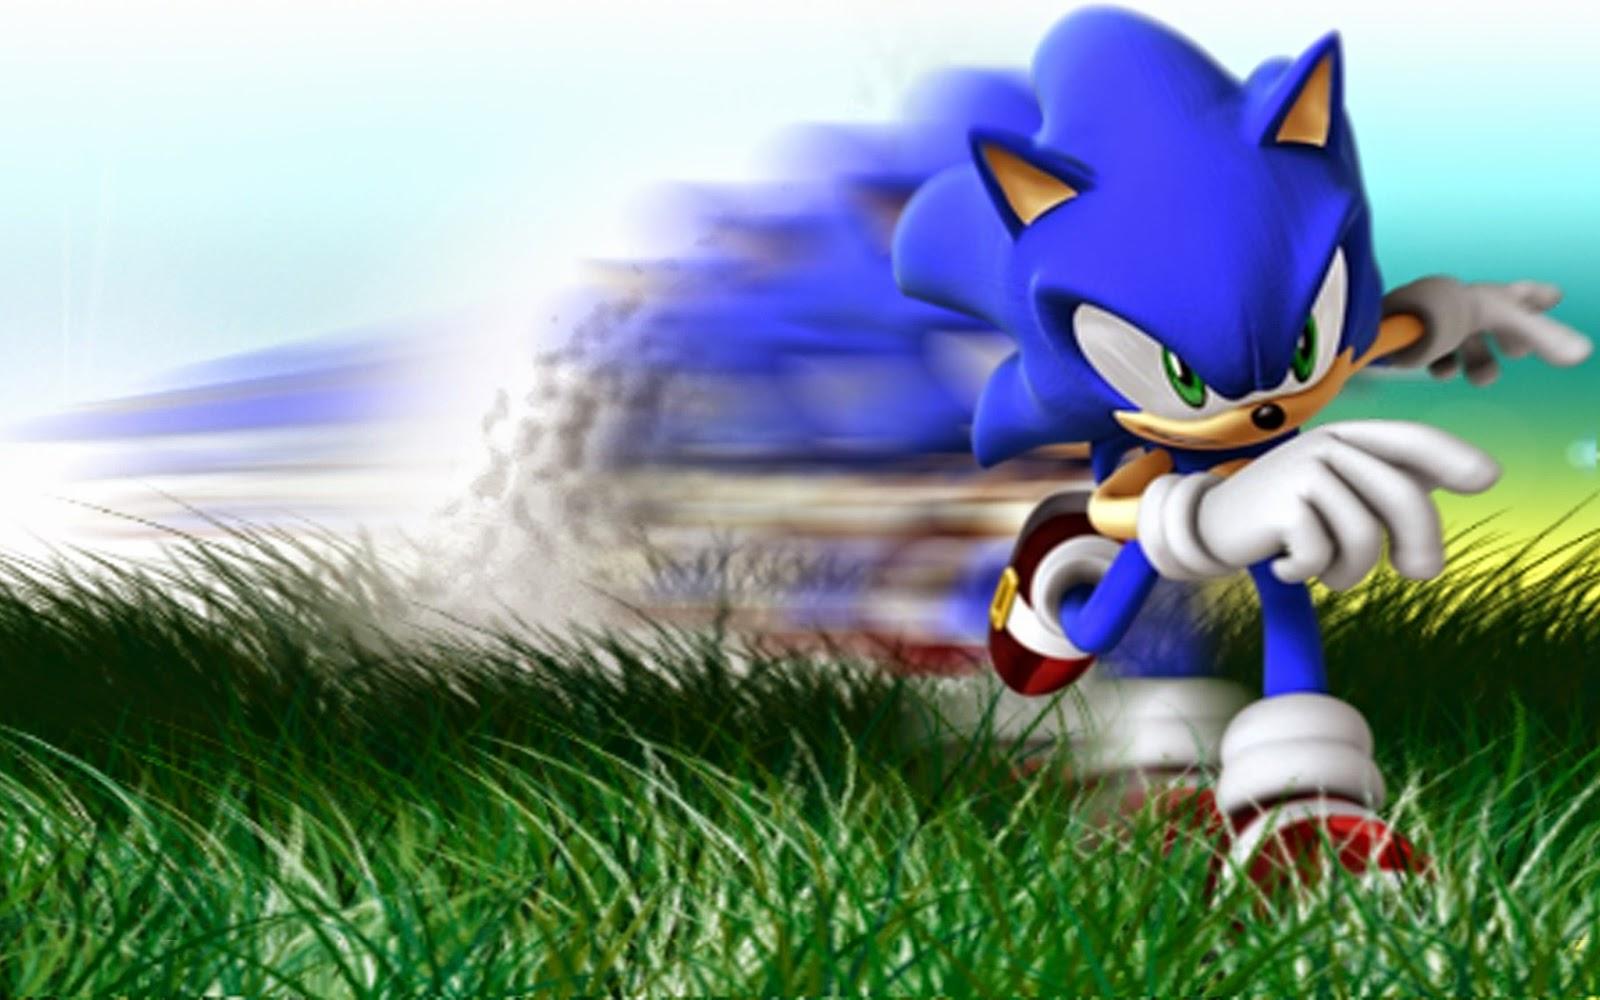 Gambar Kartun Sonic Knuckles: Gambar Kumpulan Gambar Kartun Stitch Lucu Gokil Animasi Hd